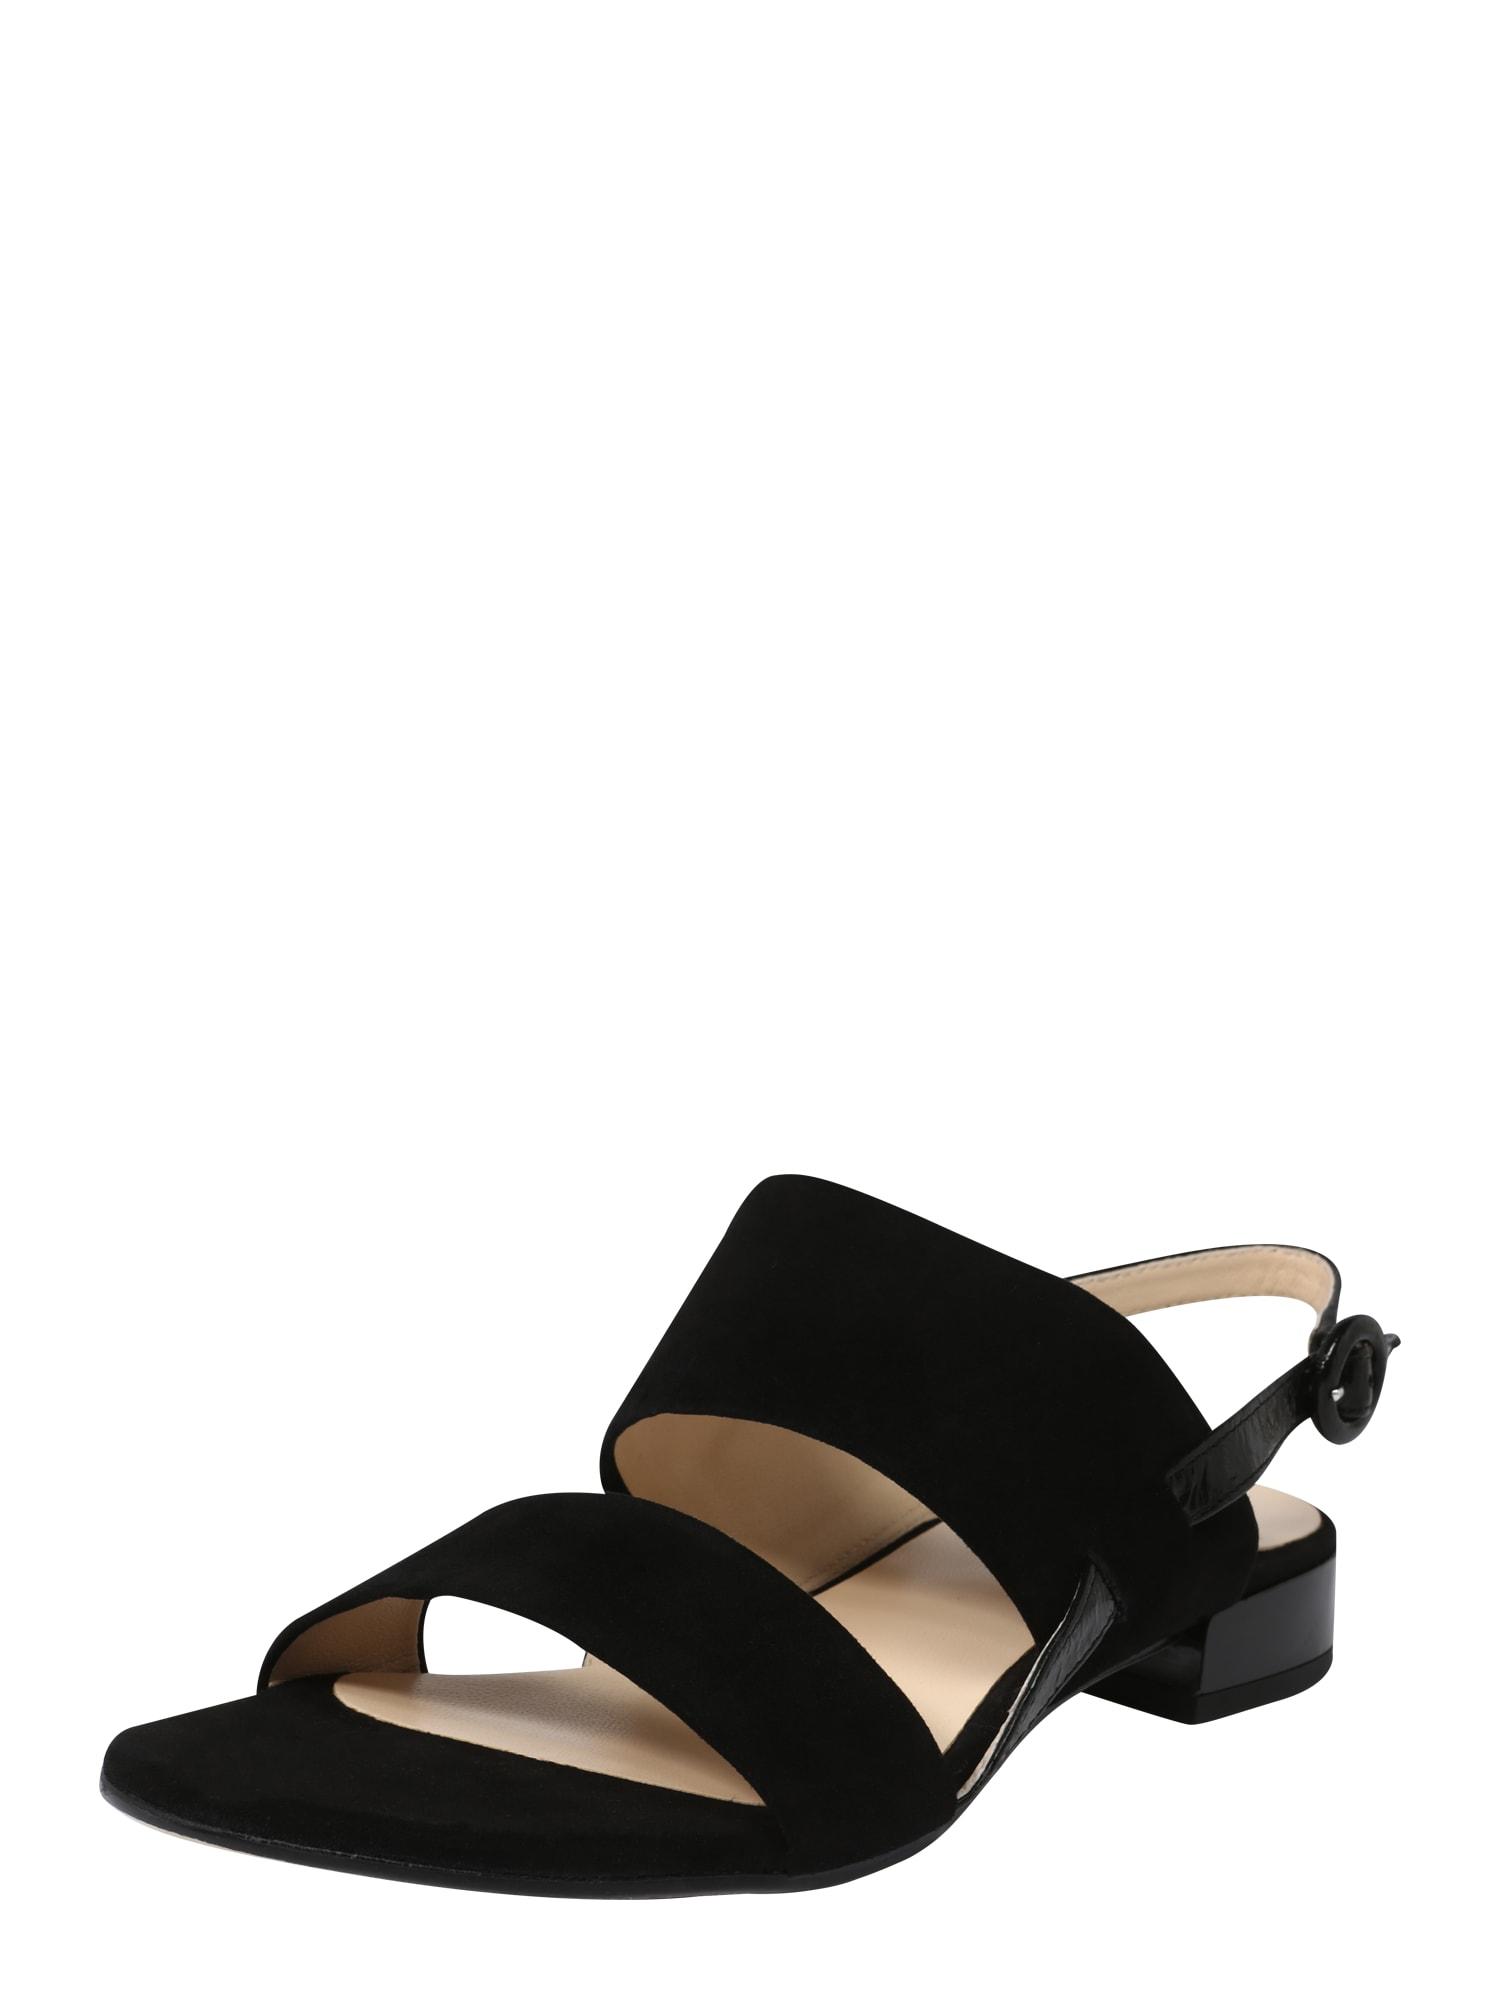 Páskové sandály Sandale Velours černá Högl